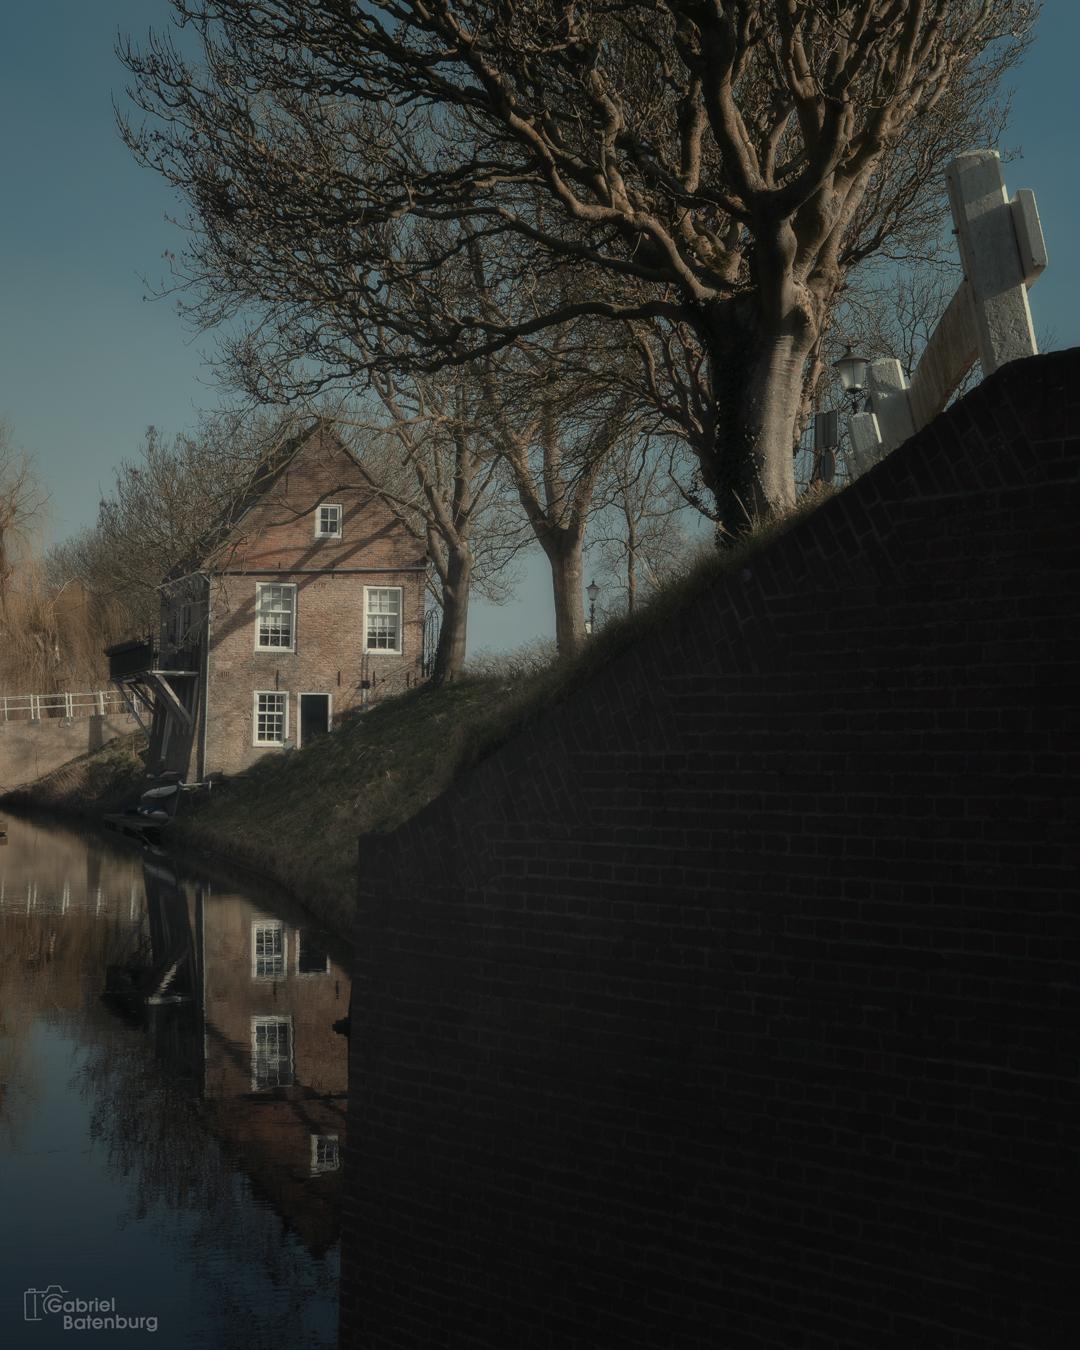 Enkhuizen - Enkhuizen op een mistige dag - foto door gabriel-batenburg1969 op 15-04-2021 - locatie: Enkhuizen, Nederland - deze foto bevat: #enkhuizen, #straatfotografie, water, lucht, atmosfeer, gebouw, venster, boom, fabriek, afdeling, hout, huis